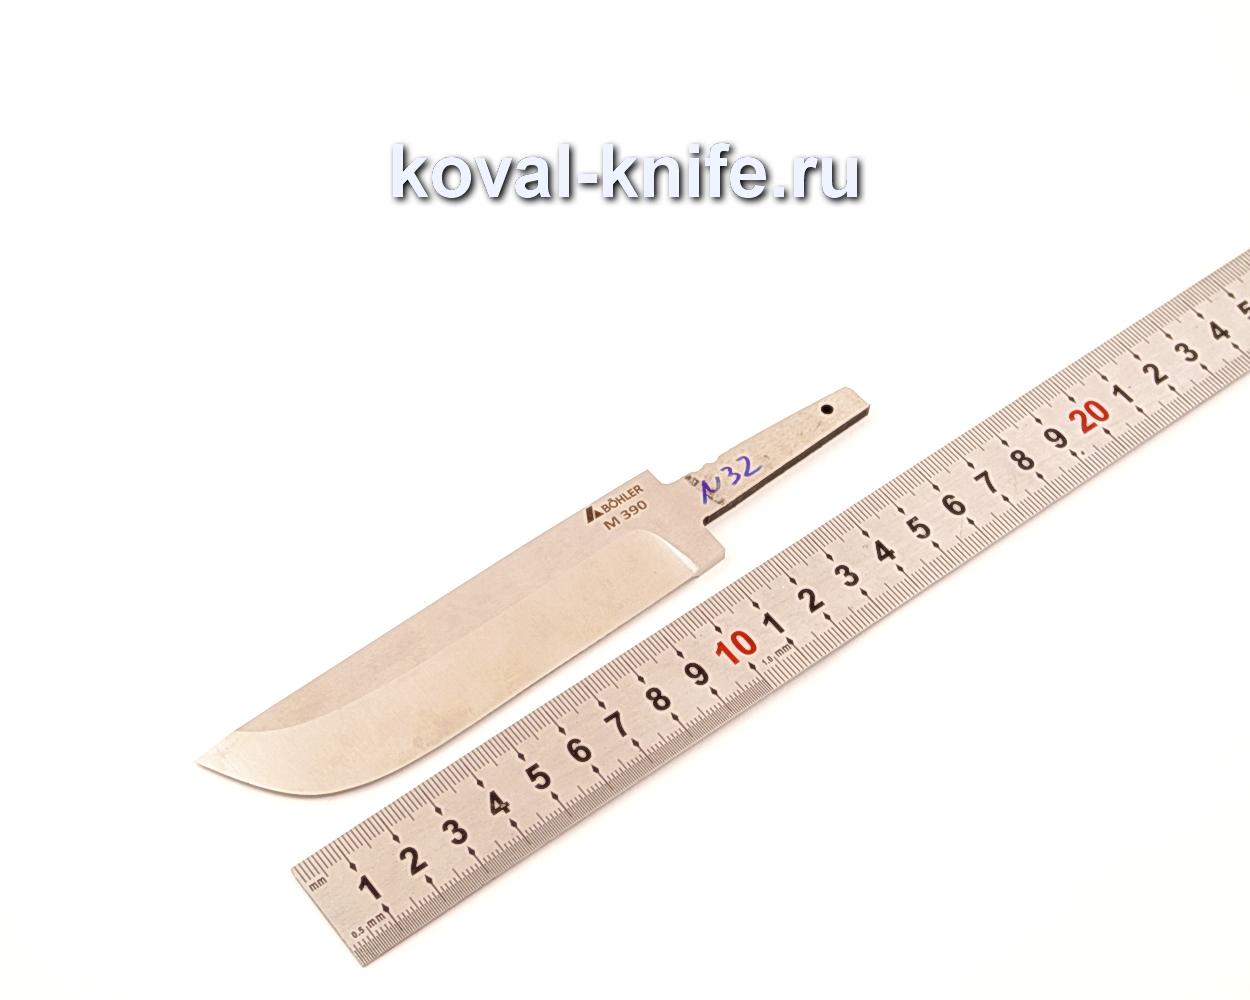 Клинок для ножа из порошковой стали Bohler M390 N32